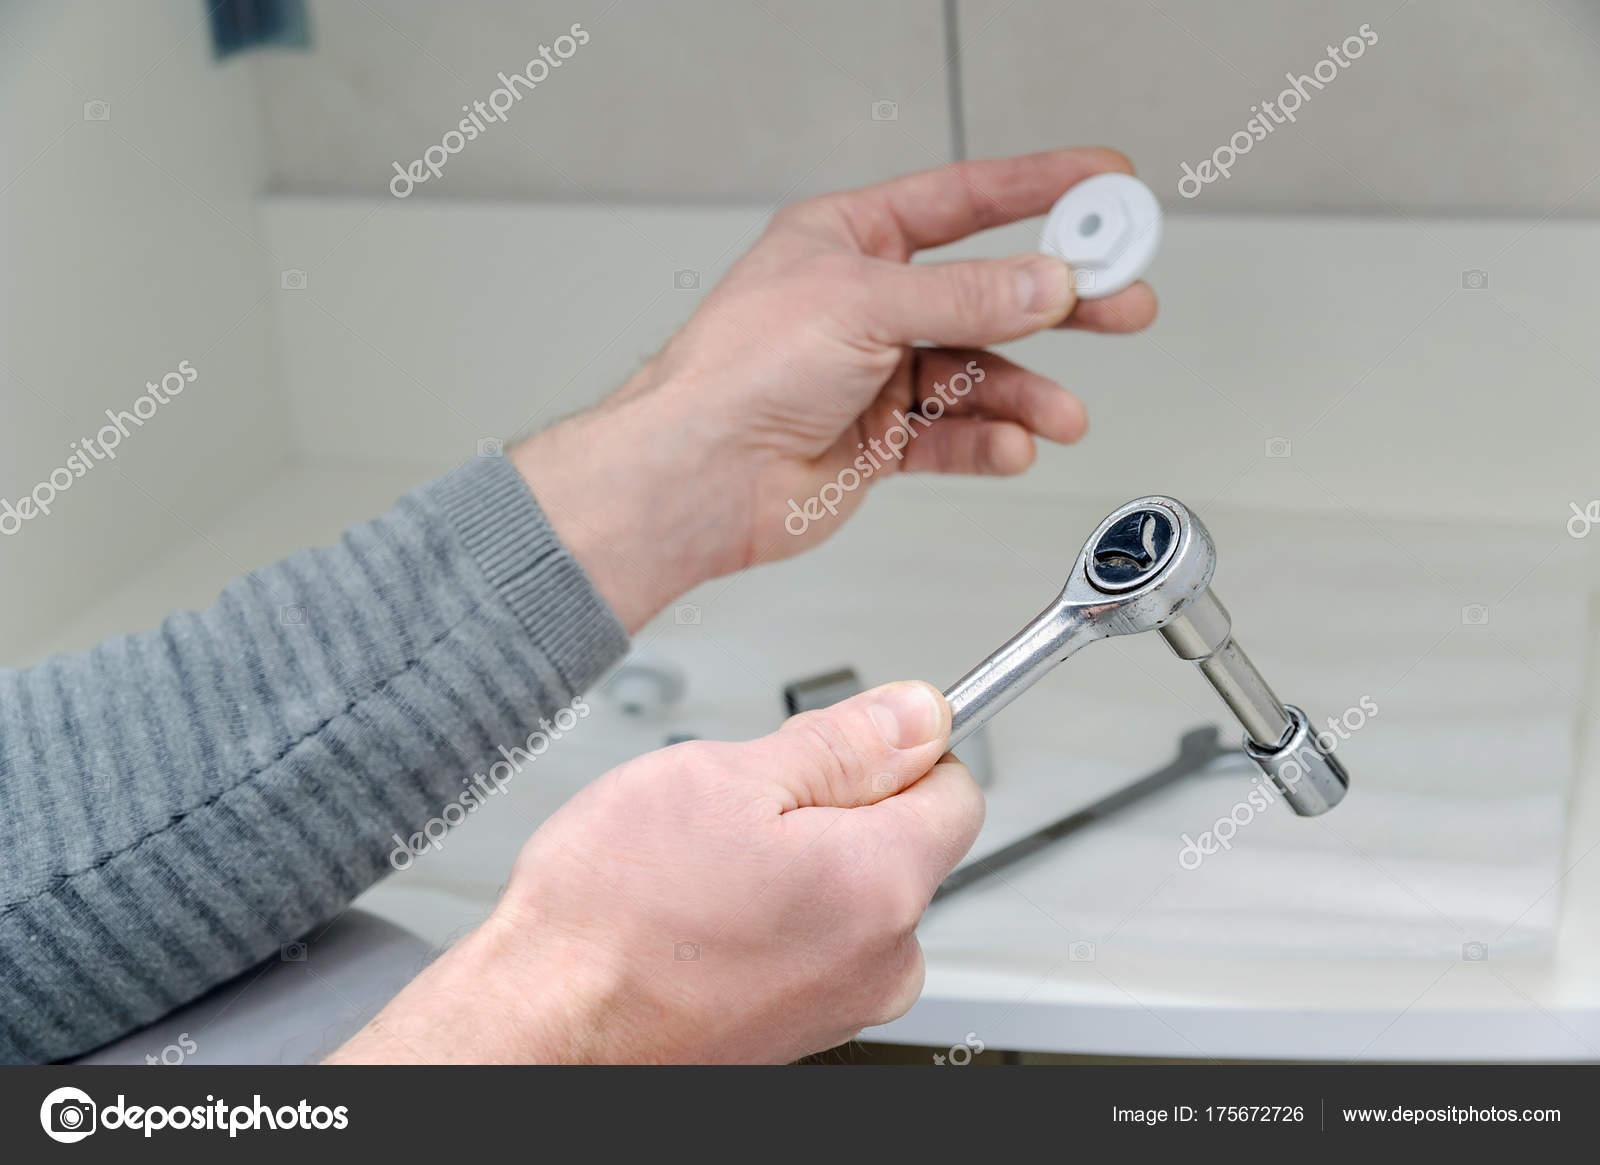 Badezimmer Installation, installation das waschbecken im badezimmer — stockfoto © yunava1, Design ideen